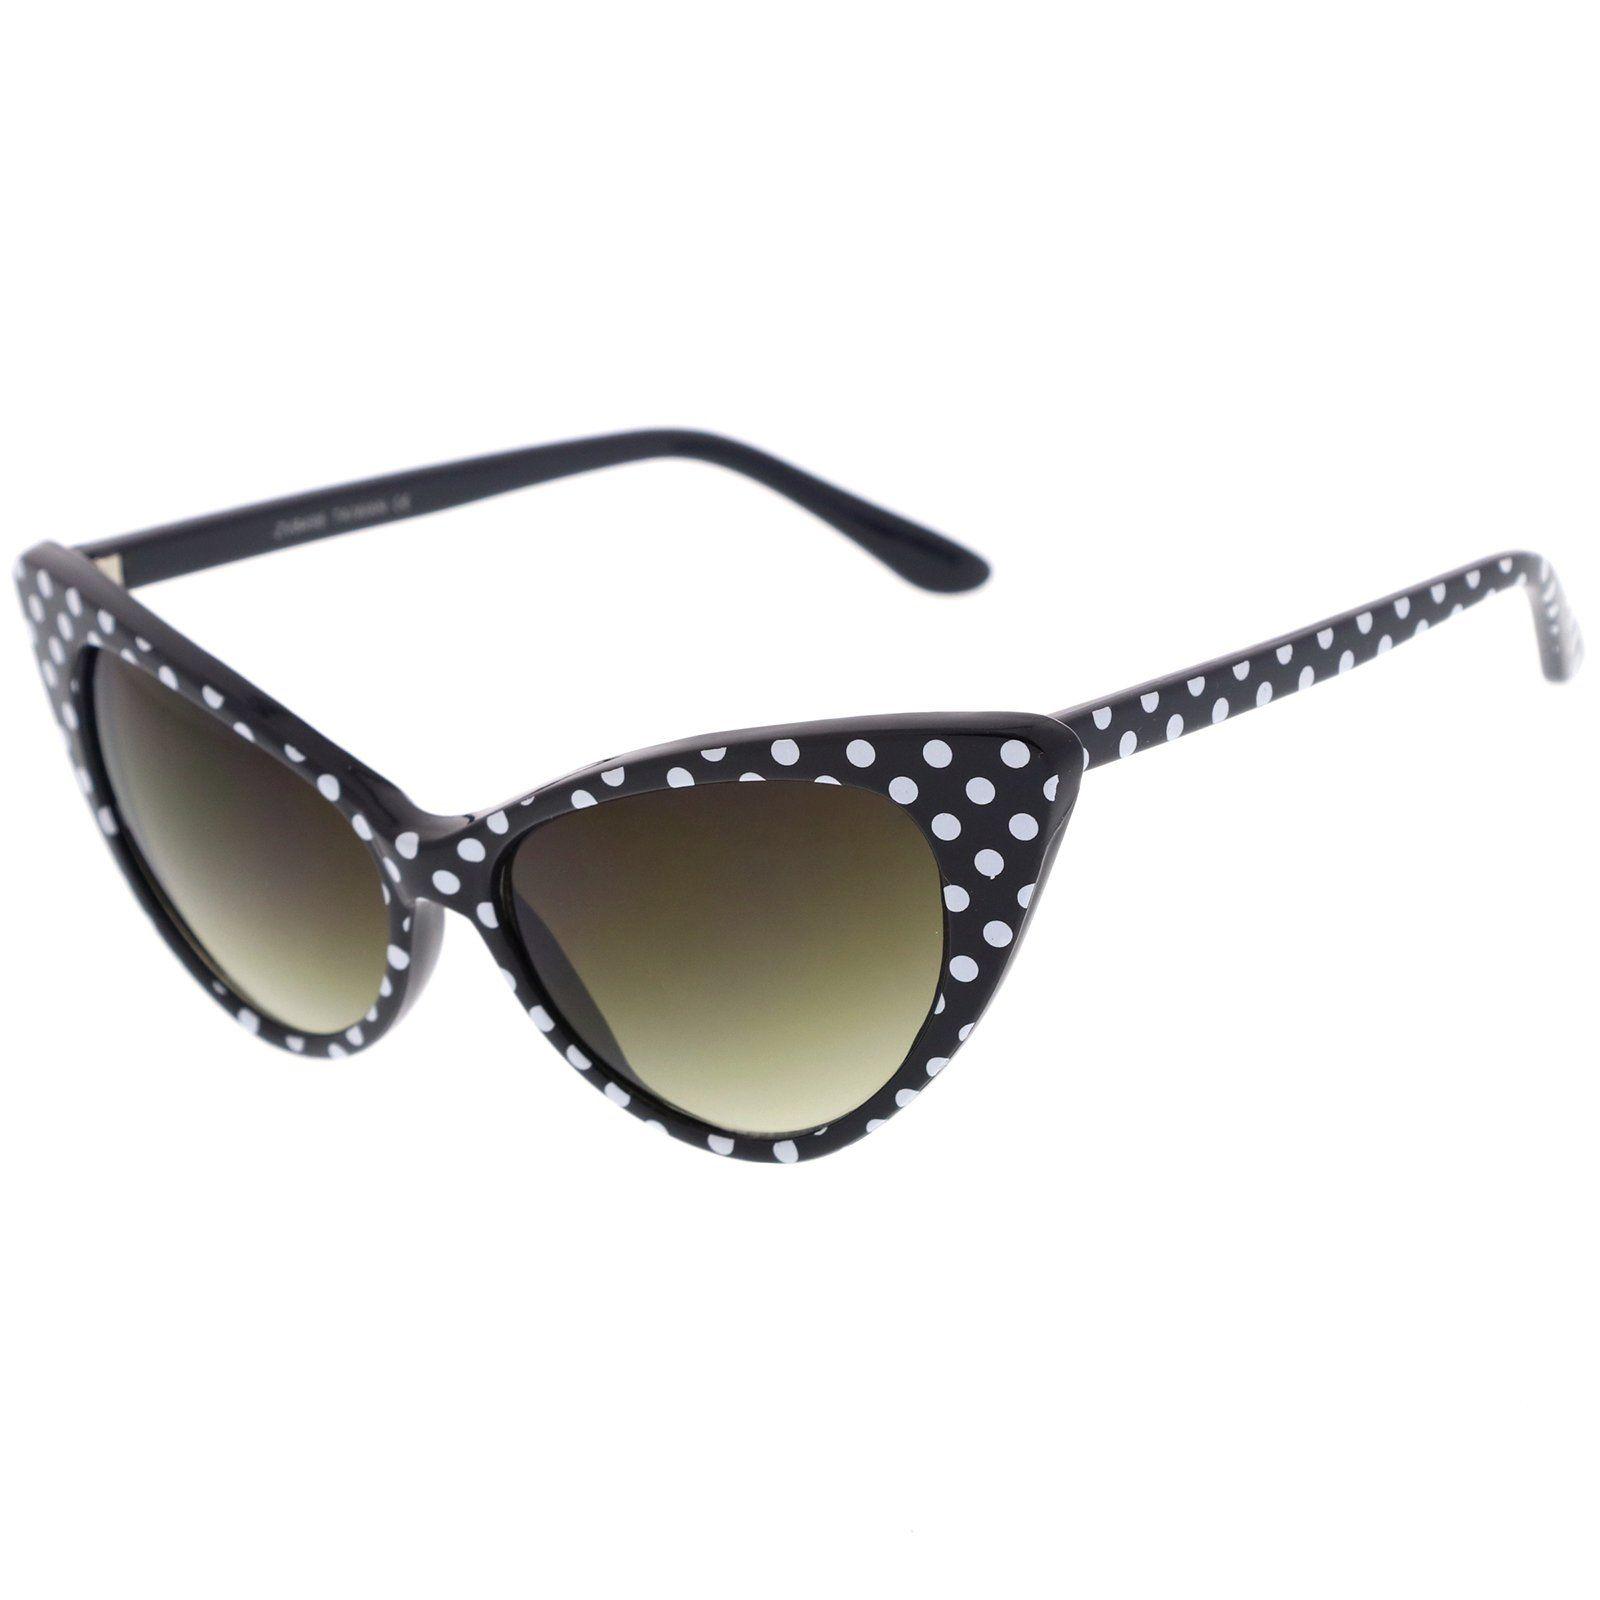 Women's Retro Polka Dot Oversize Cat Eye Sunglasses 50mm